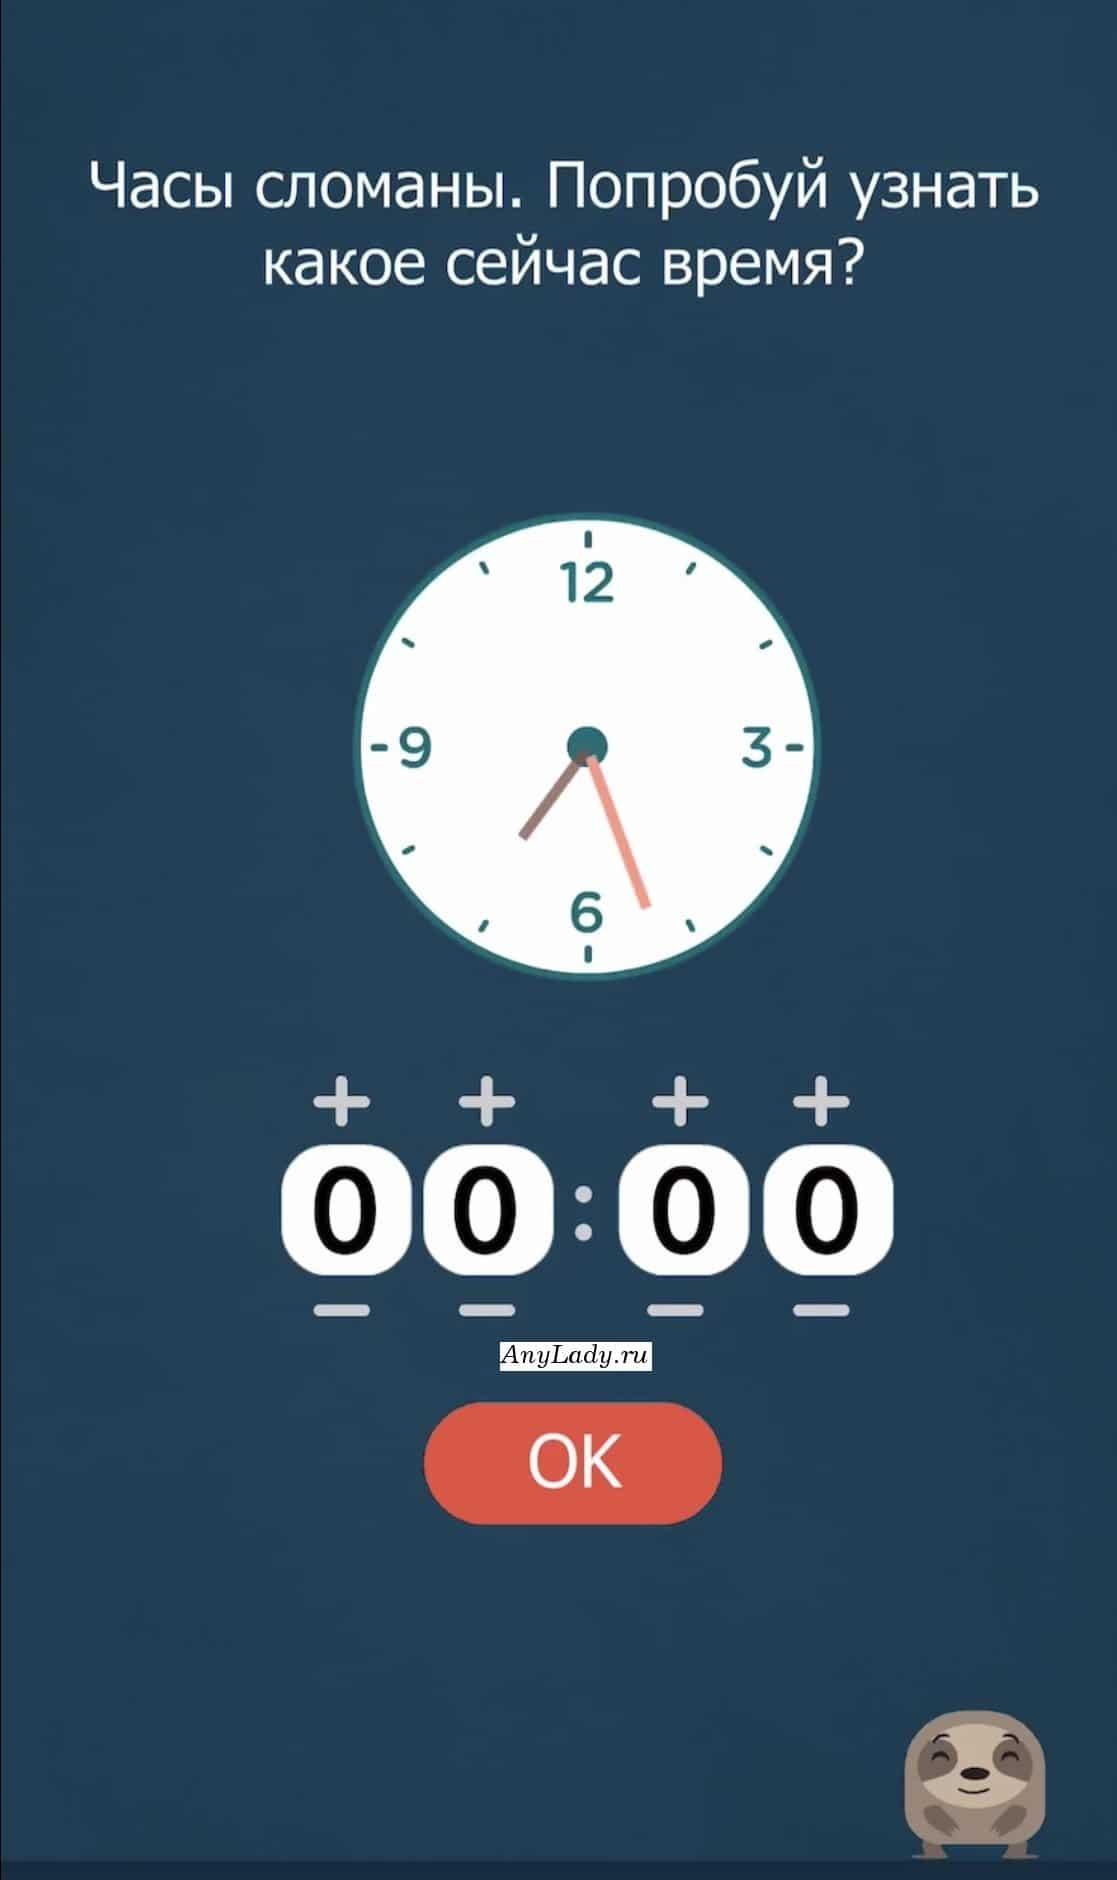 Сверните игру и посмотрите время, на Вашем устройстве.